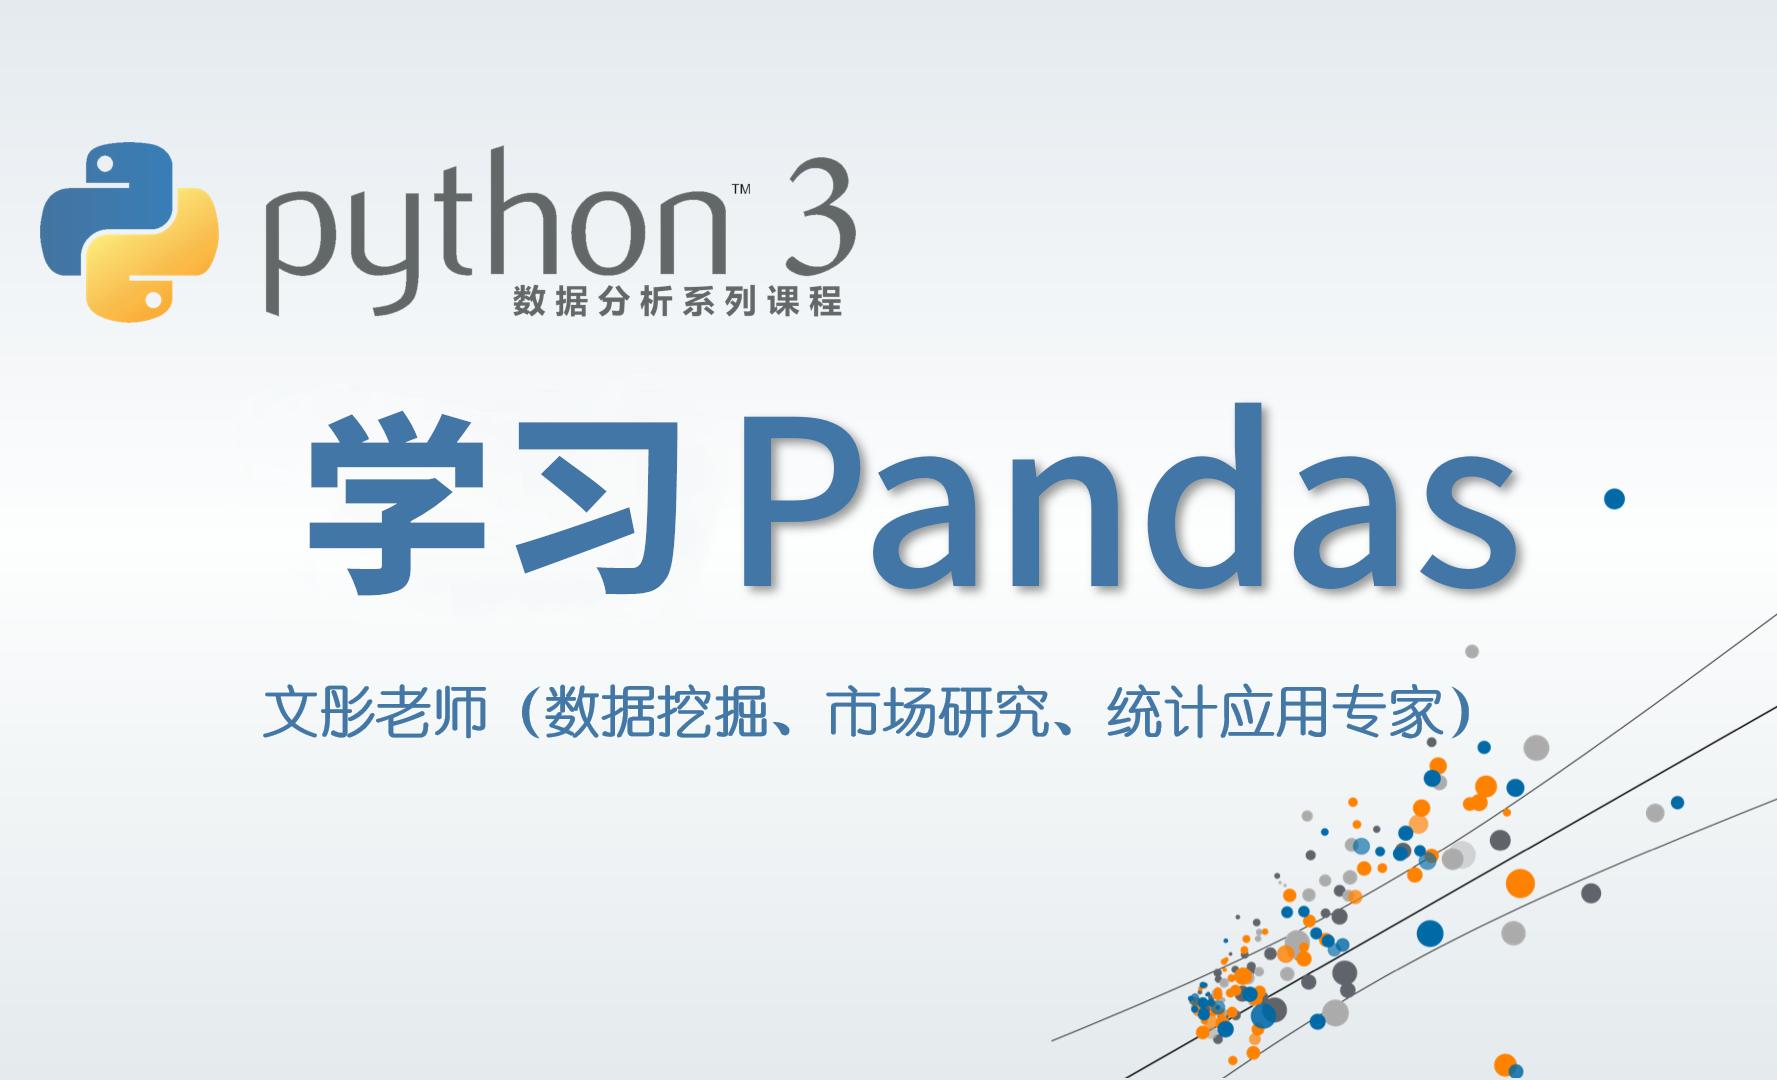 Python 3 数据分析与挖掘系列课程完整版,价值1316元